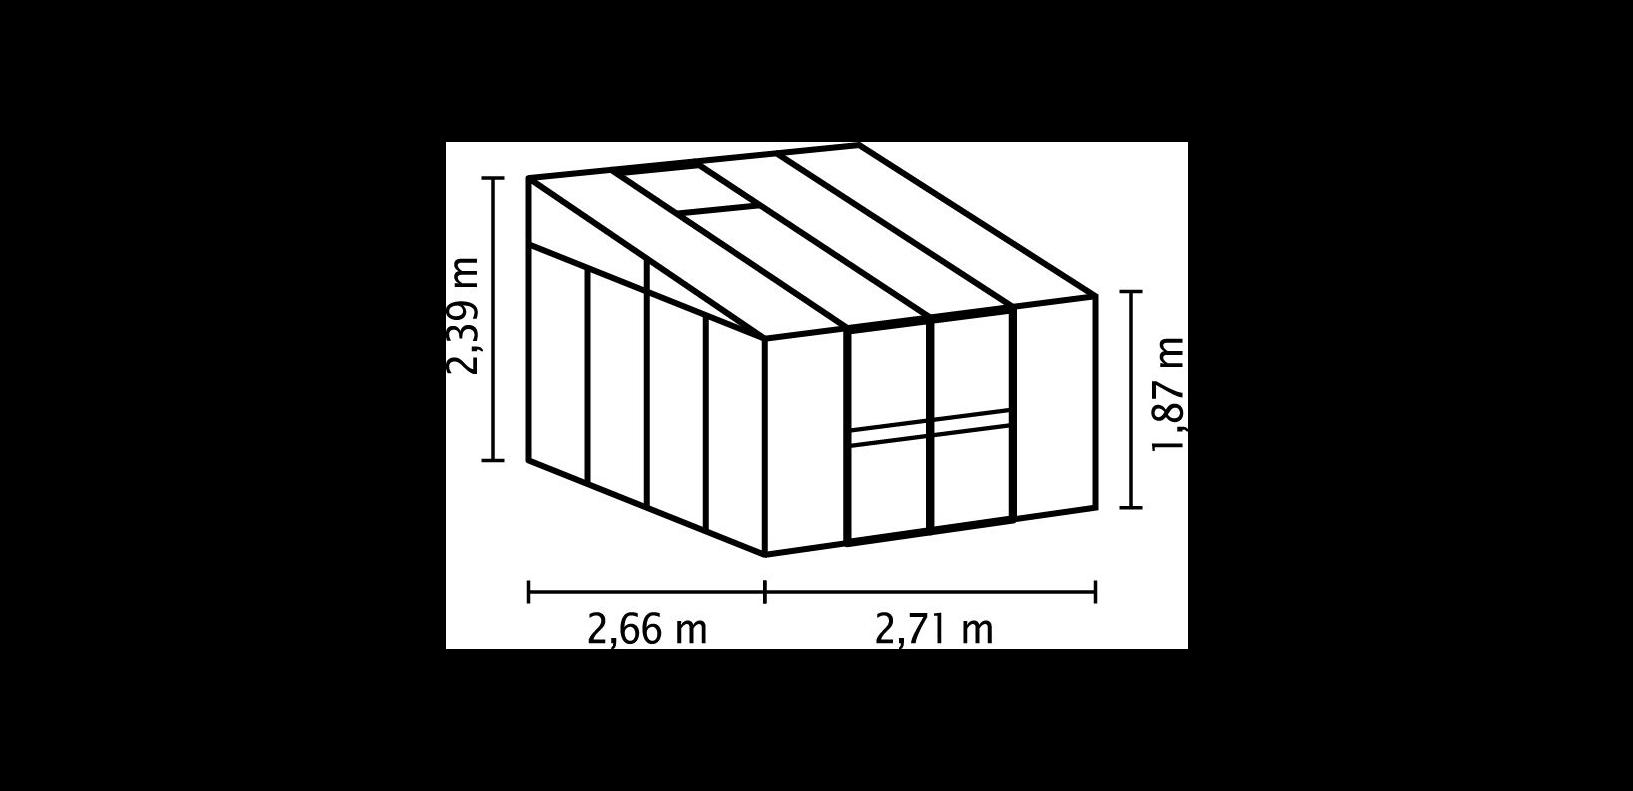 Vitavia-Gewaechshaus-Helena-6-9-m-11-9-m-Gartenhaus-Aluminium-Dachfenster Indexbild 8